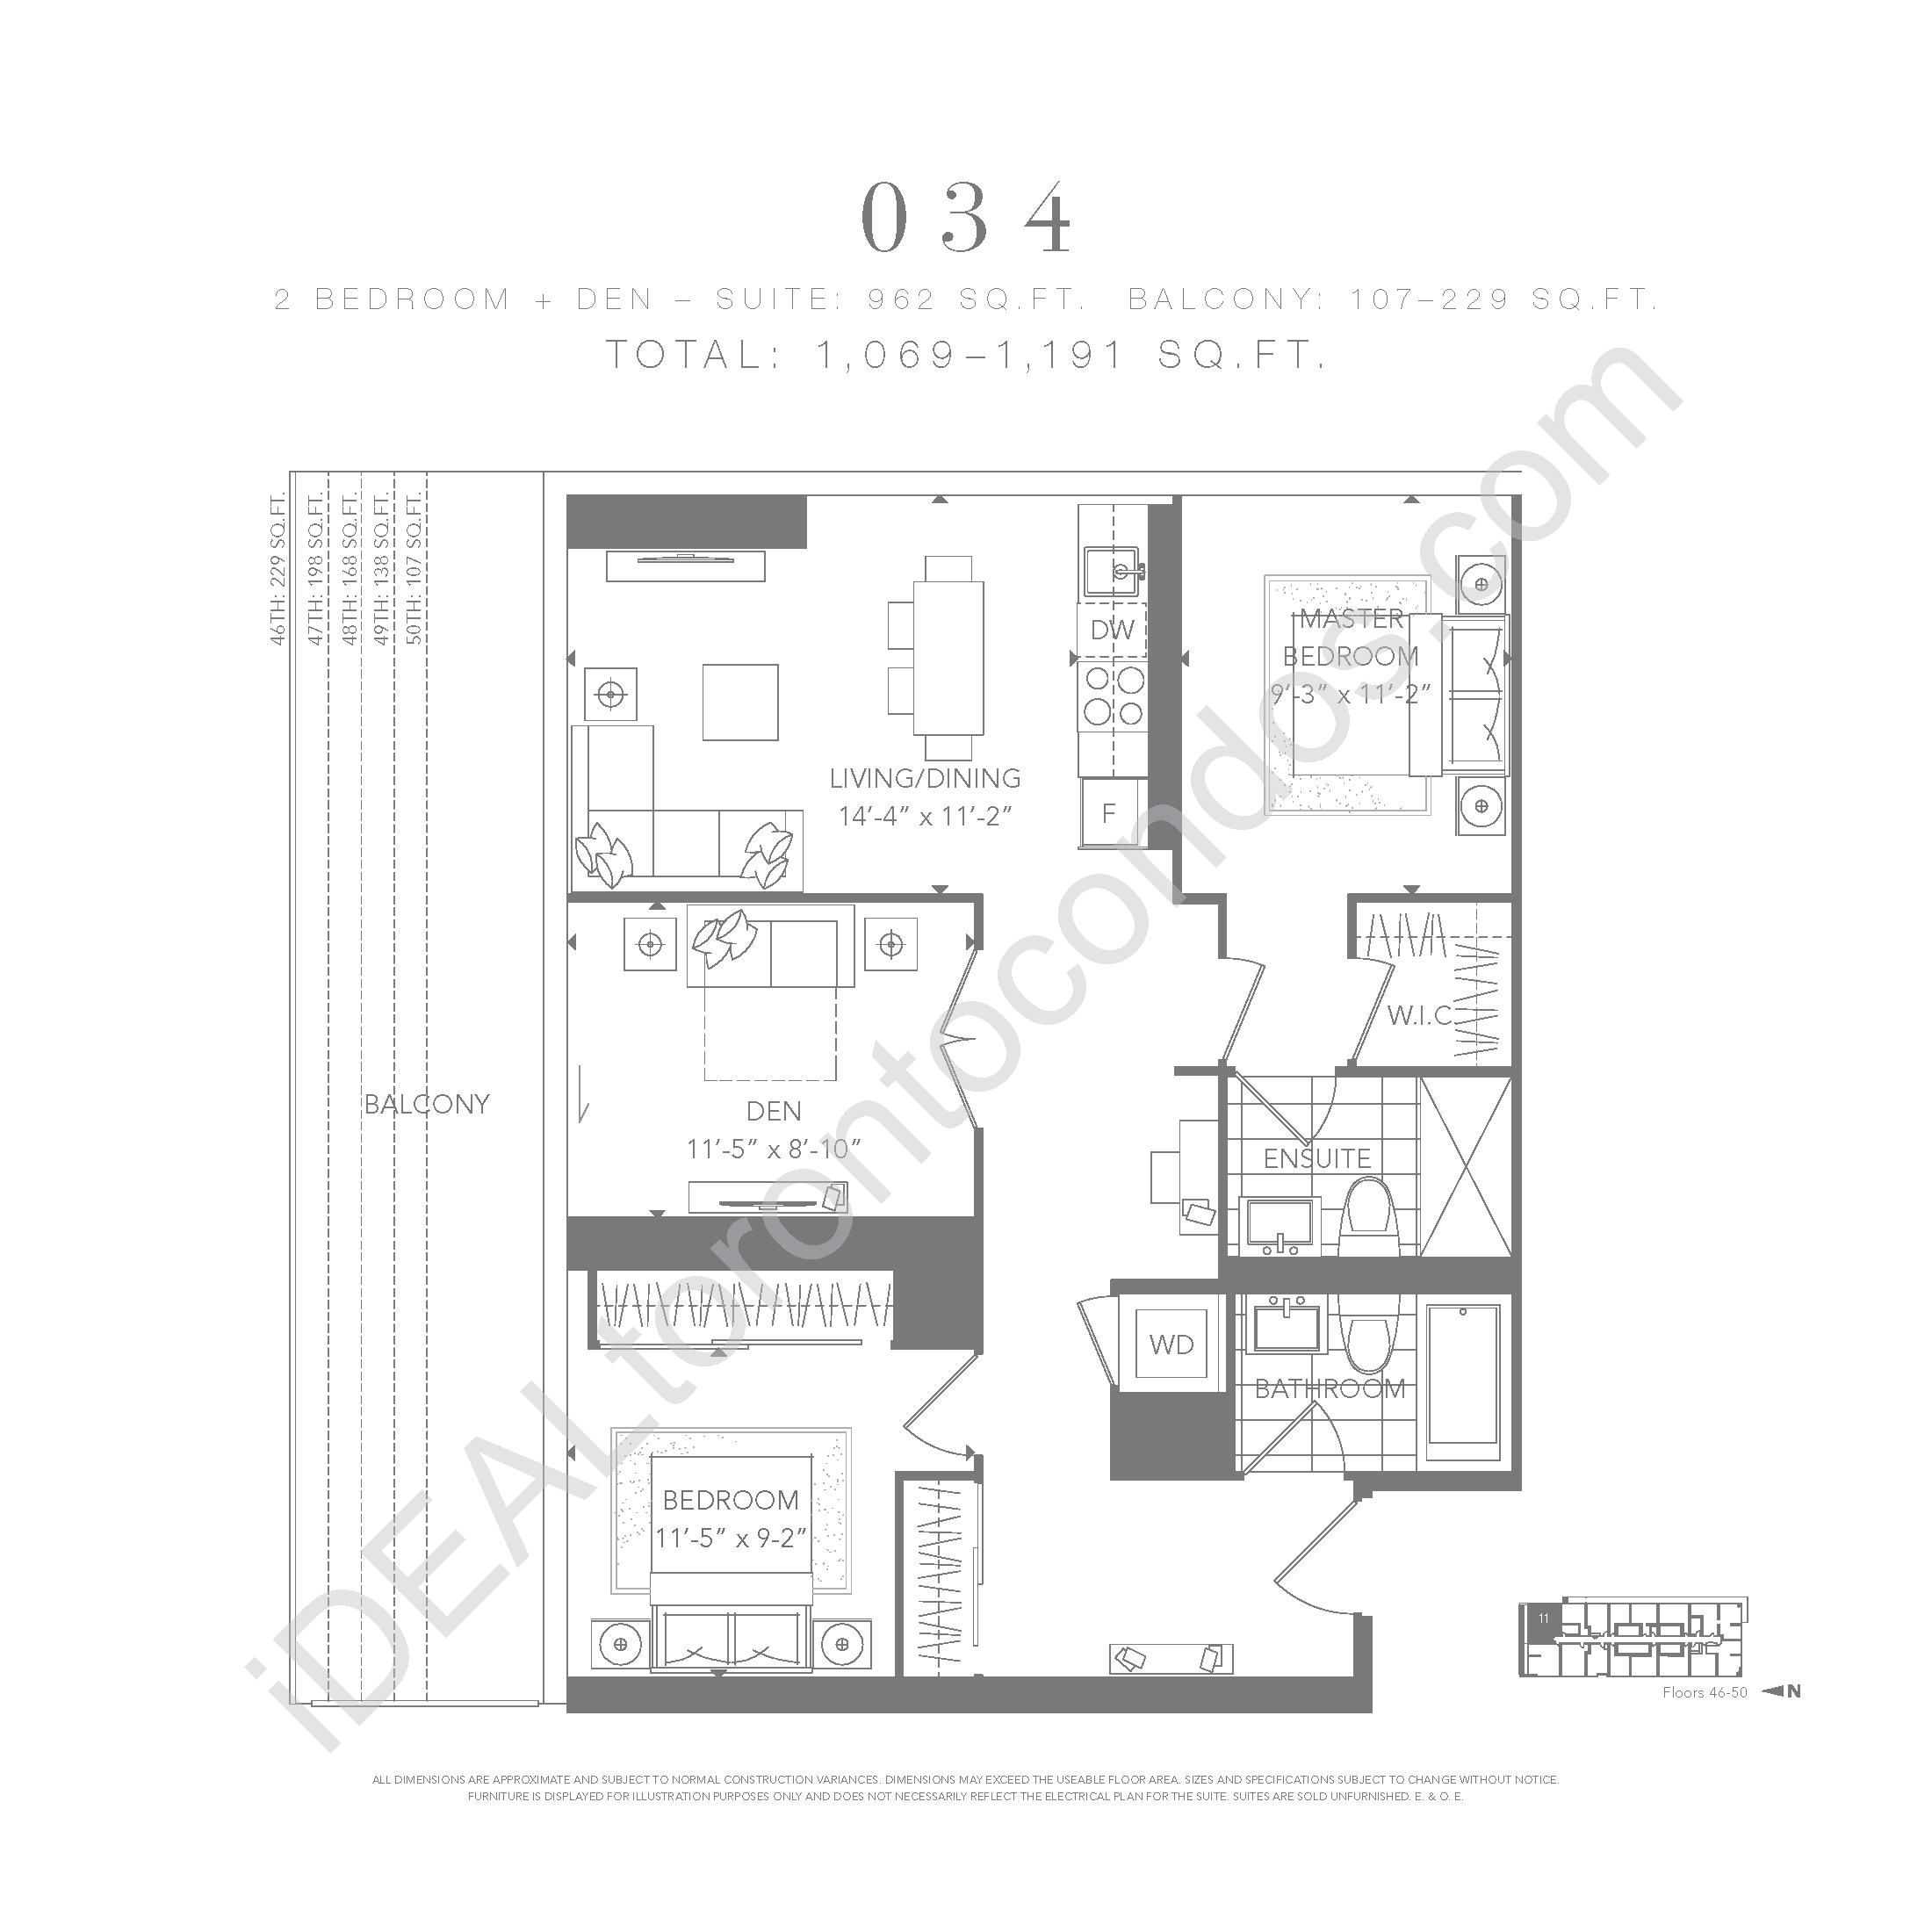 2 bedroom + den 034